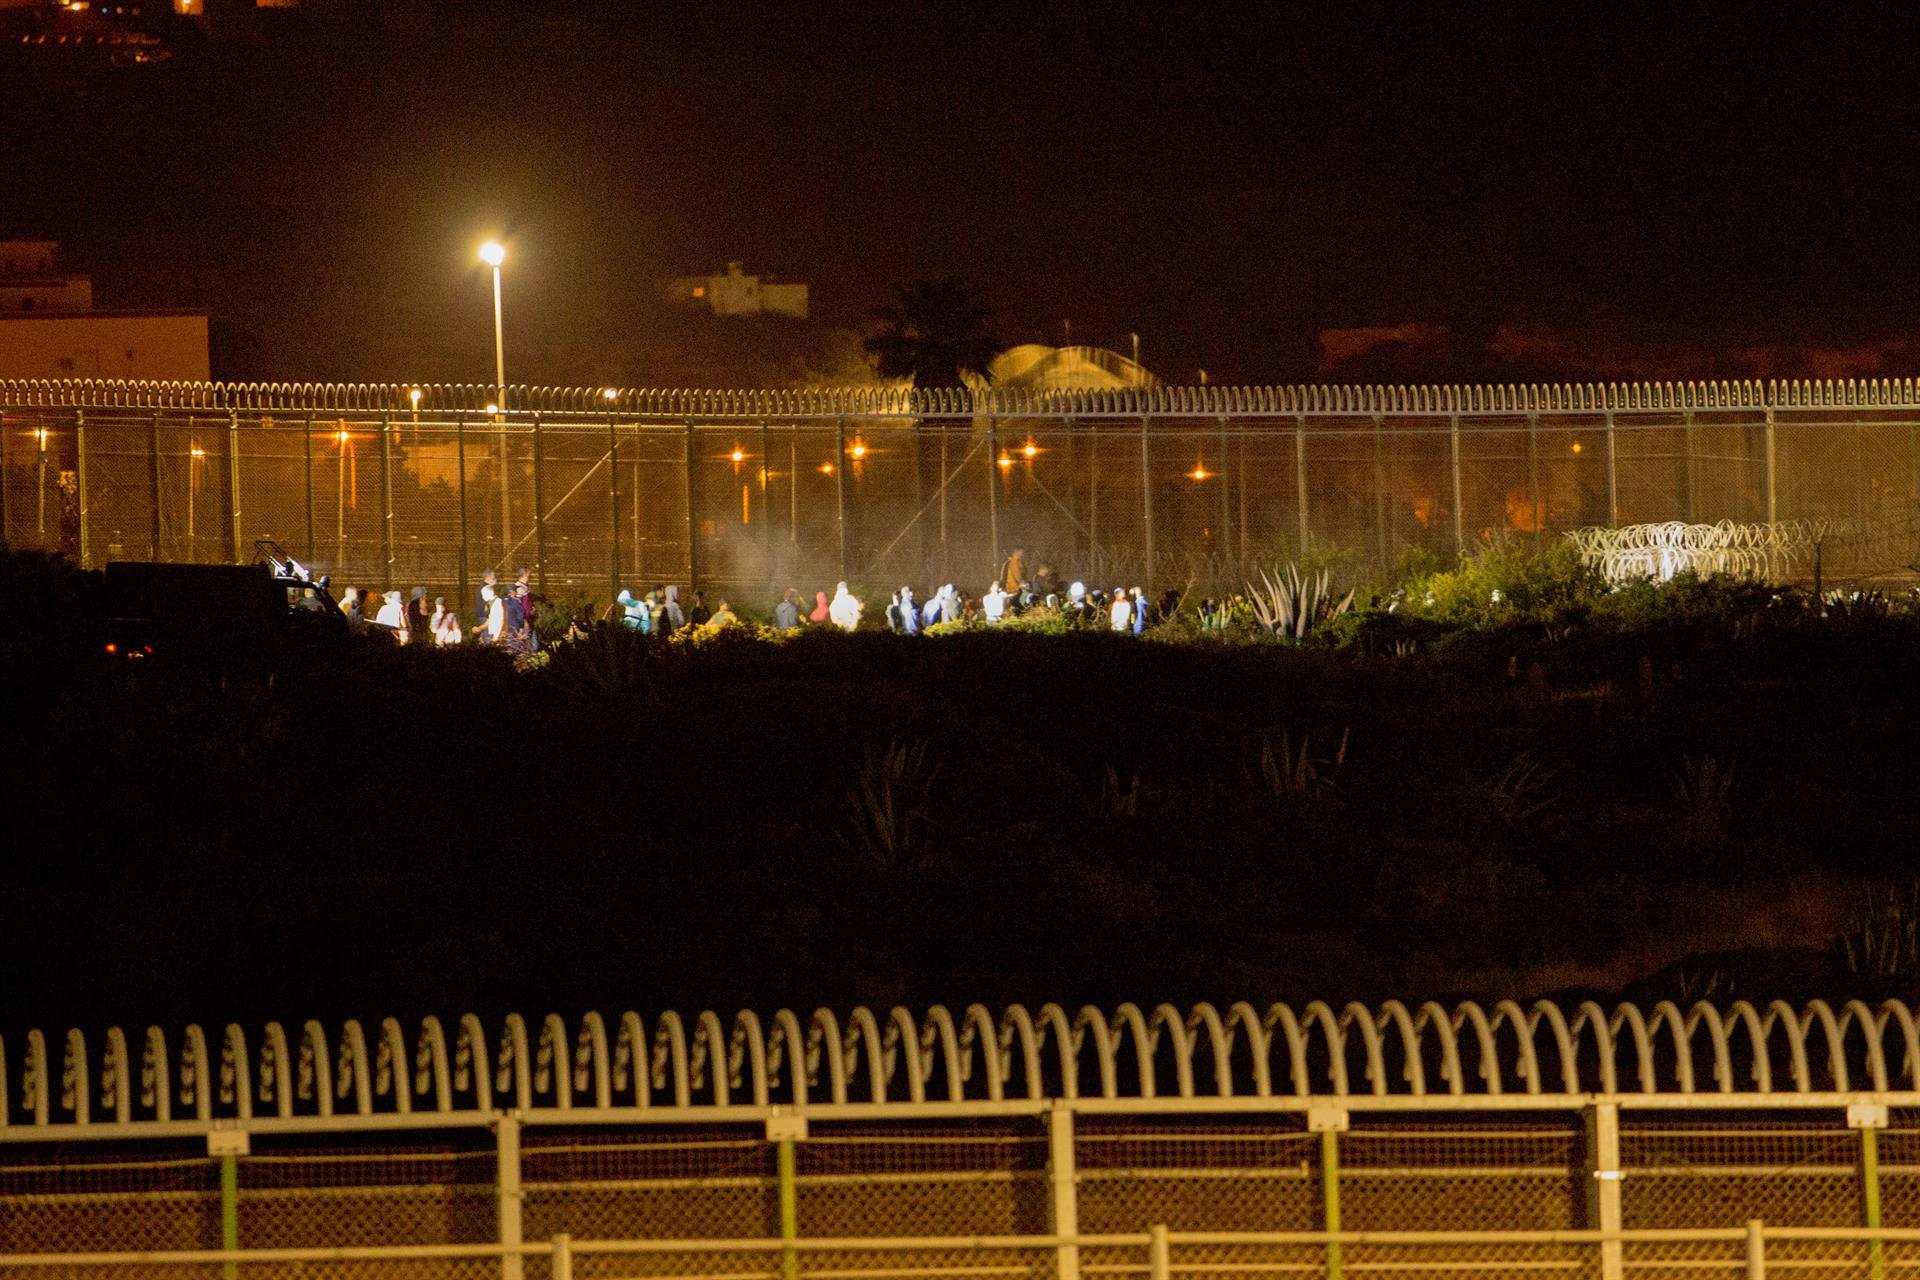 Un grupo de 119 subsaharianos logra acceder de madrugada por la valla de Melilla